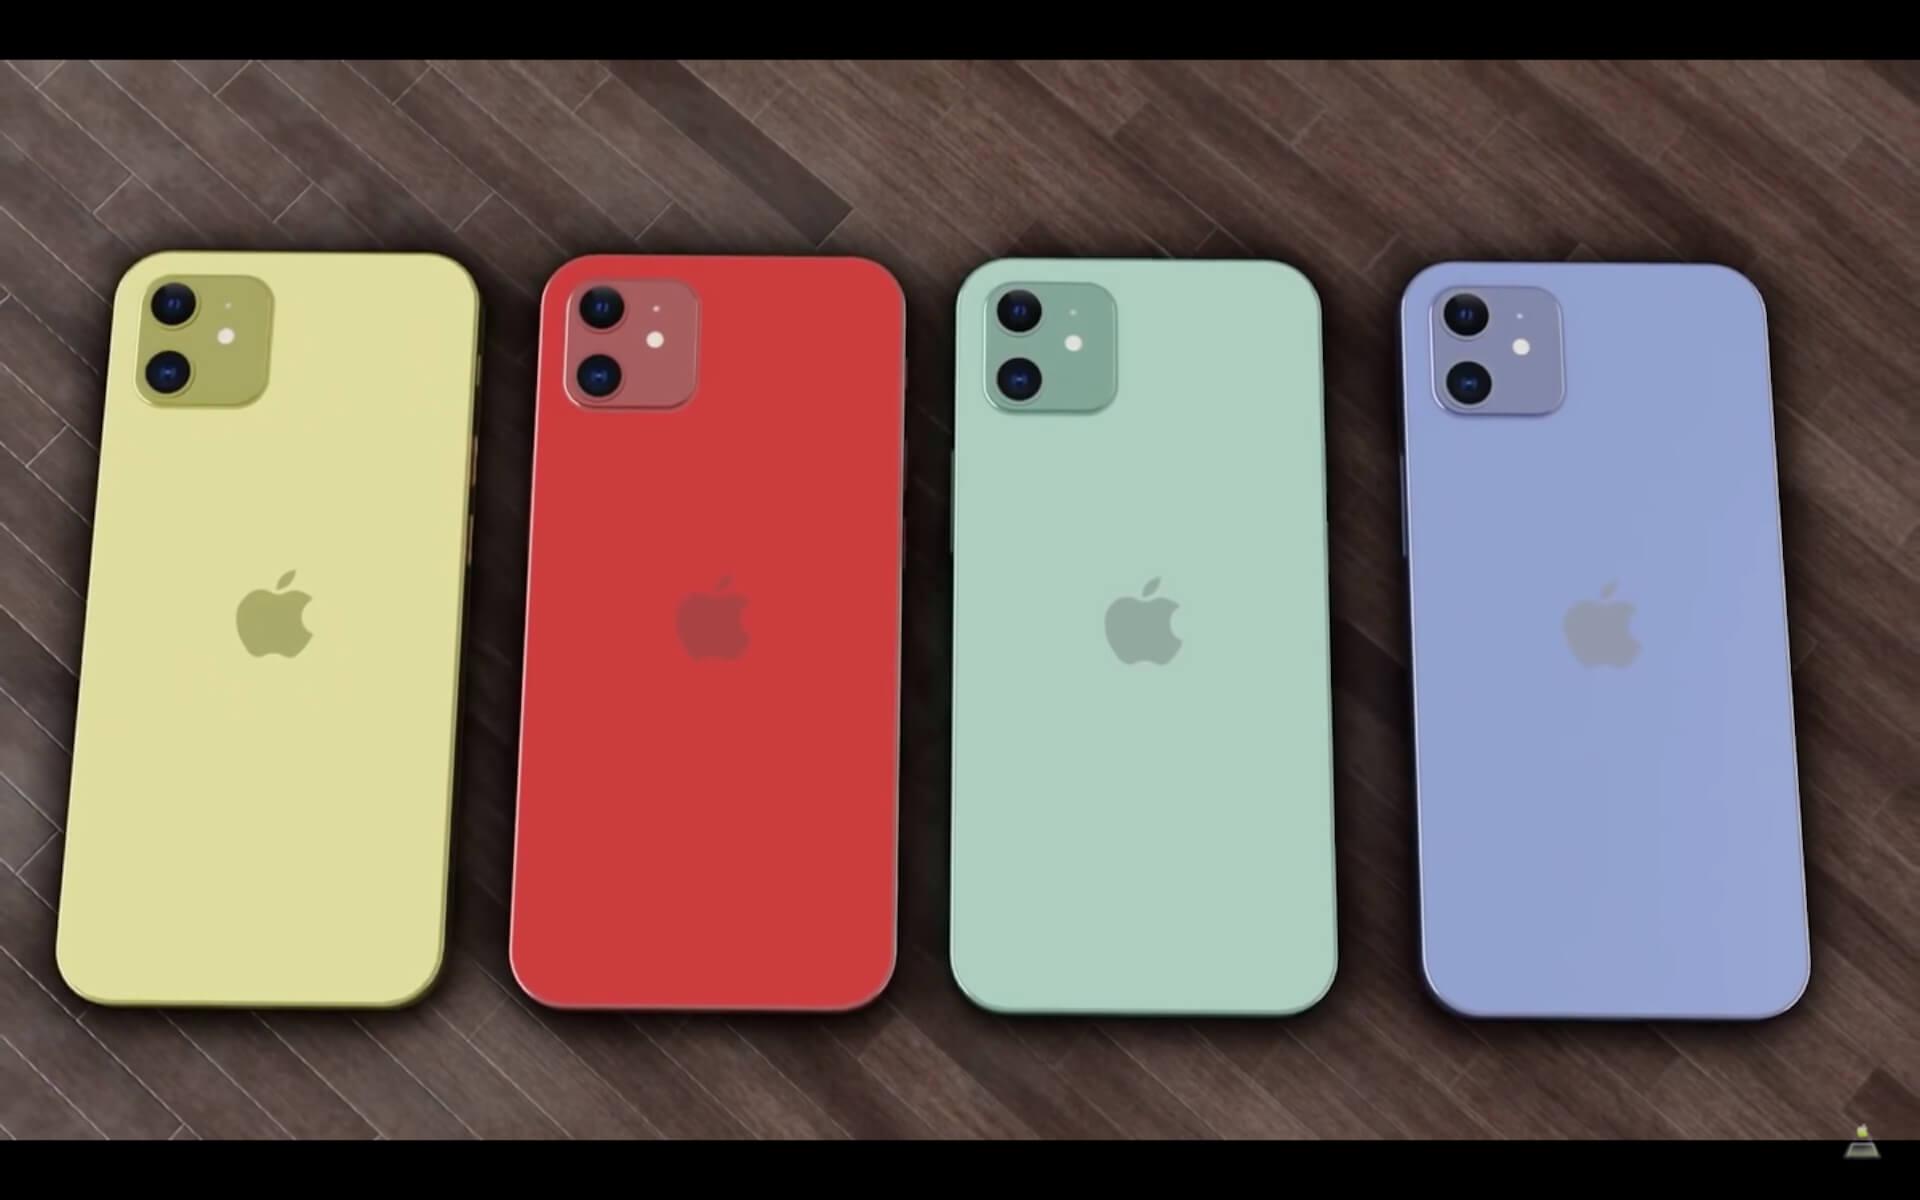 iPhone 12シリーズの新たなコンセプト映像が公開!豊富なカラーバリエーションに注目 tech200722_iphone12_3